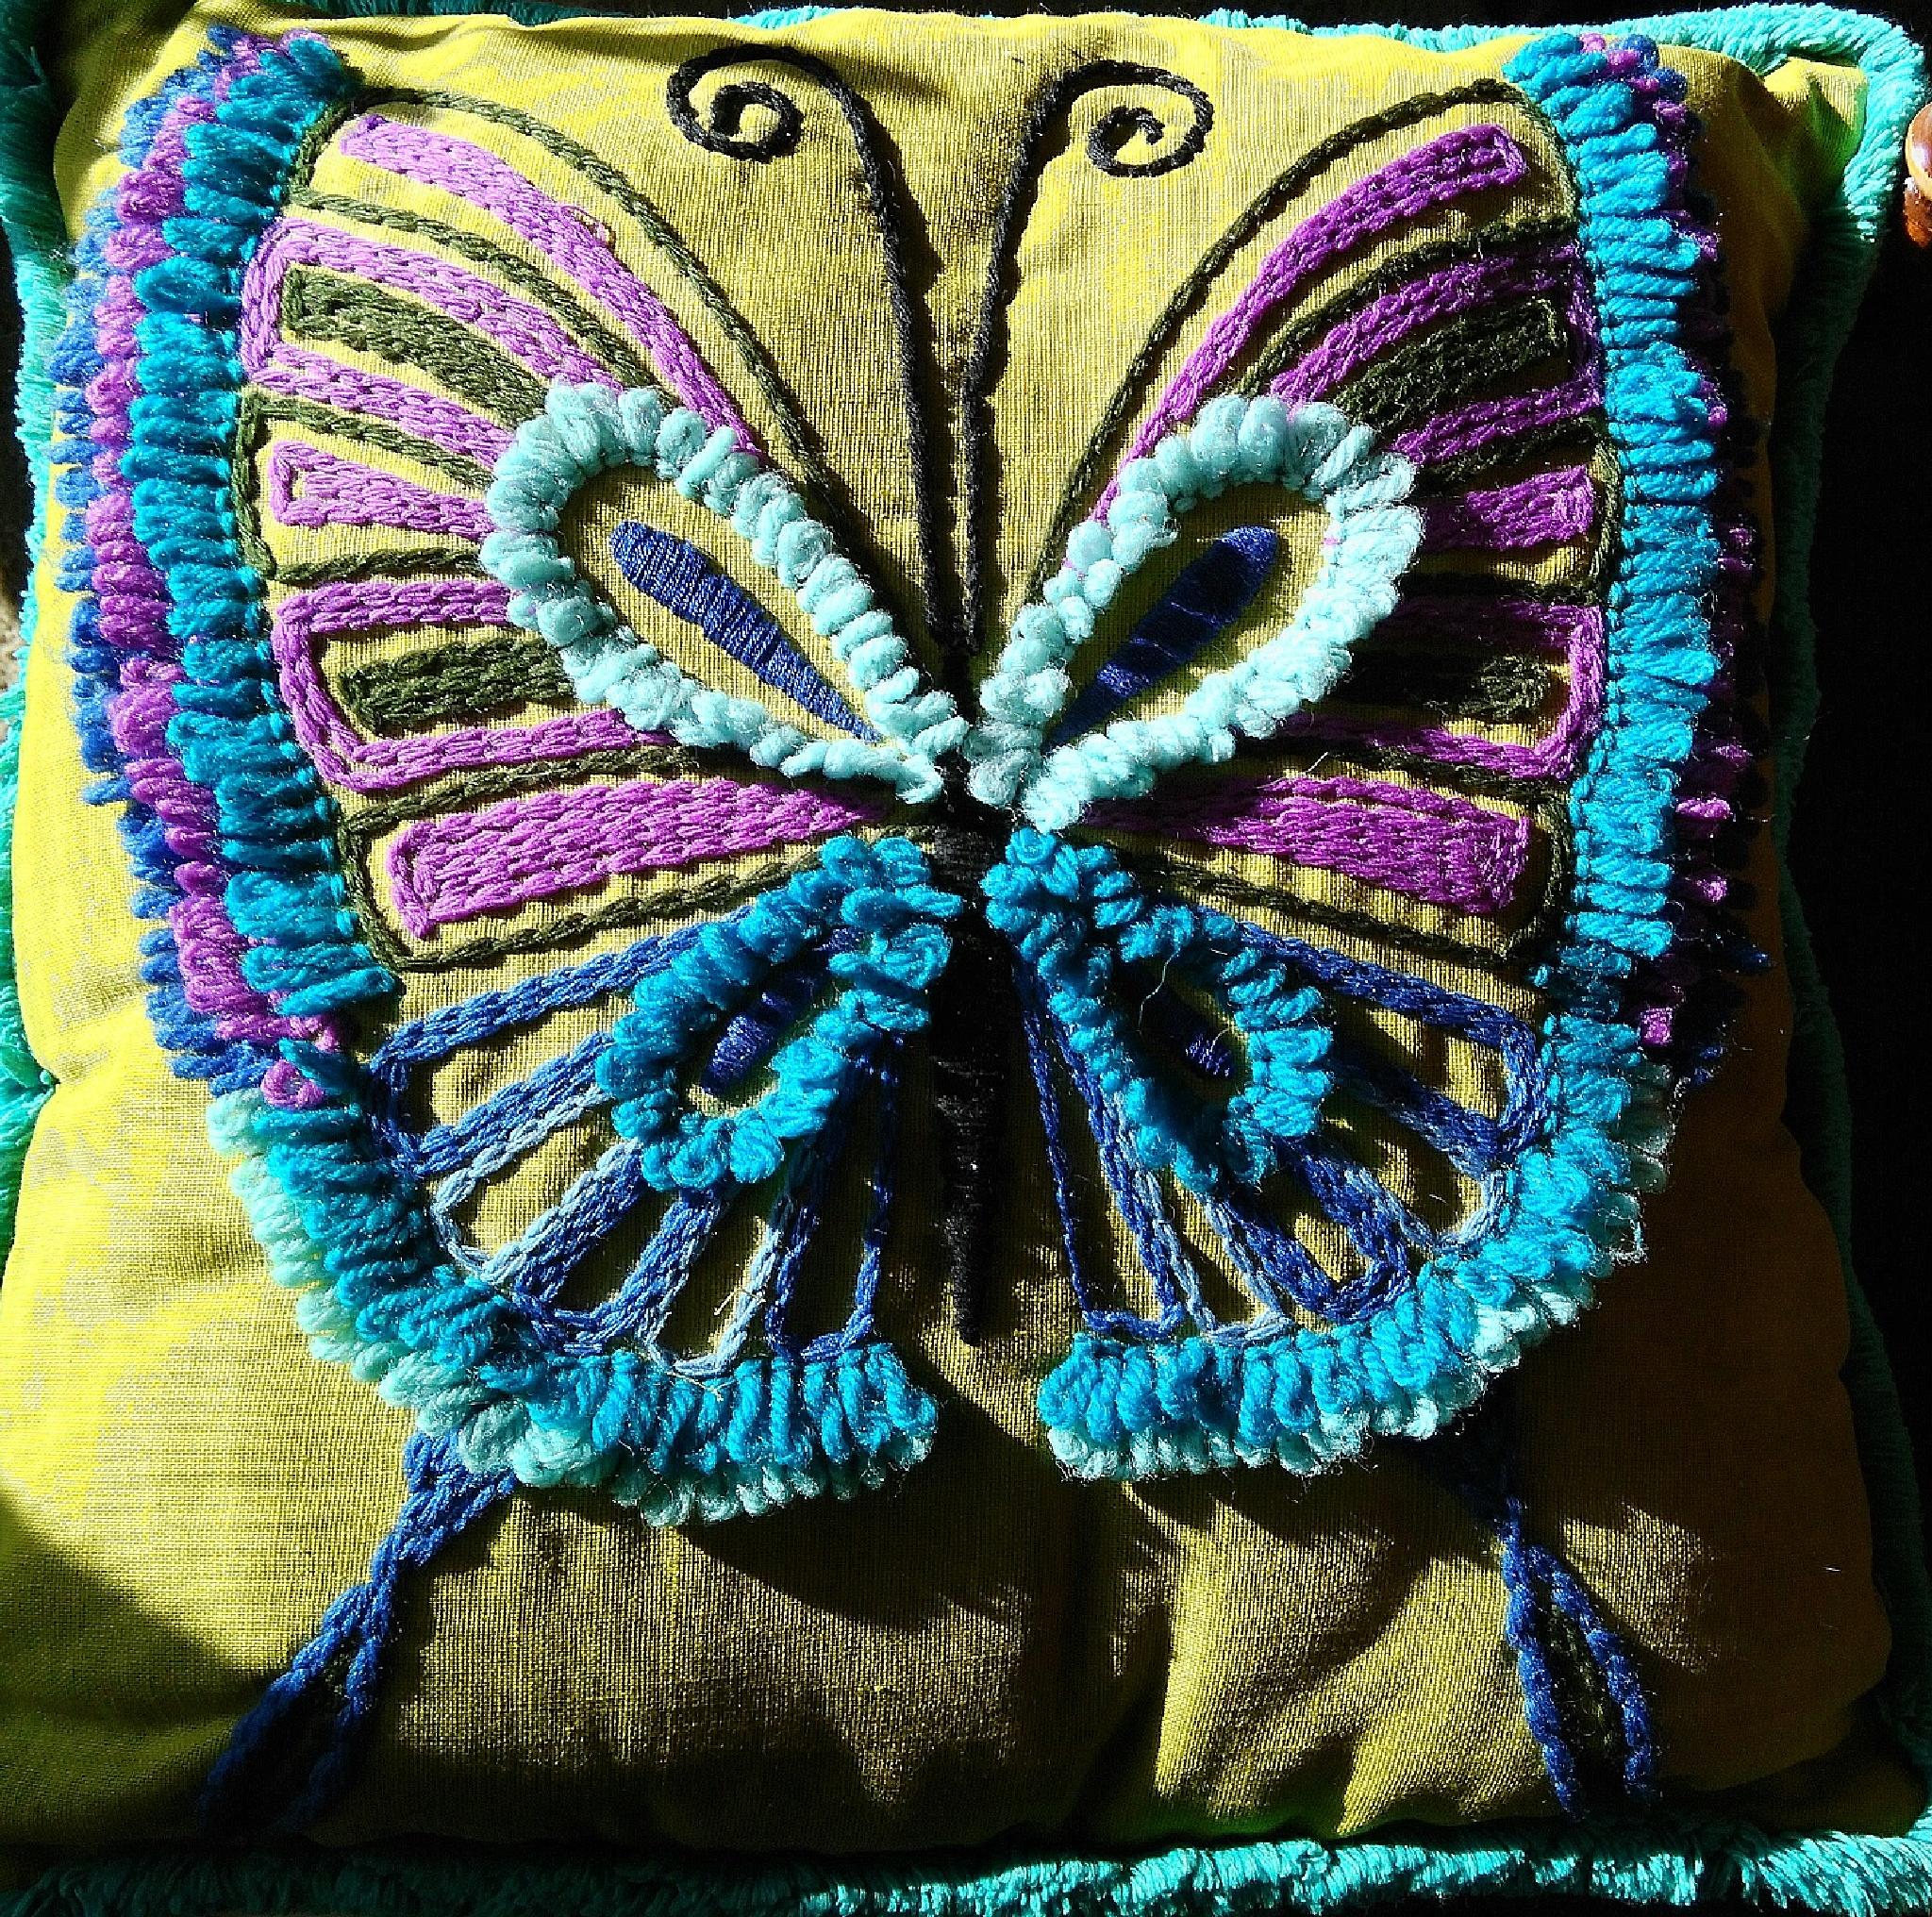 The Blue Butterfly by Lorenzo (Larry) Jonree